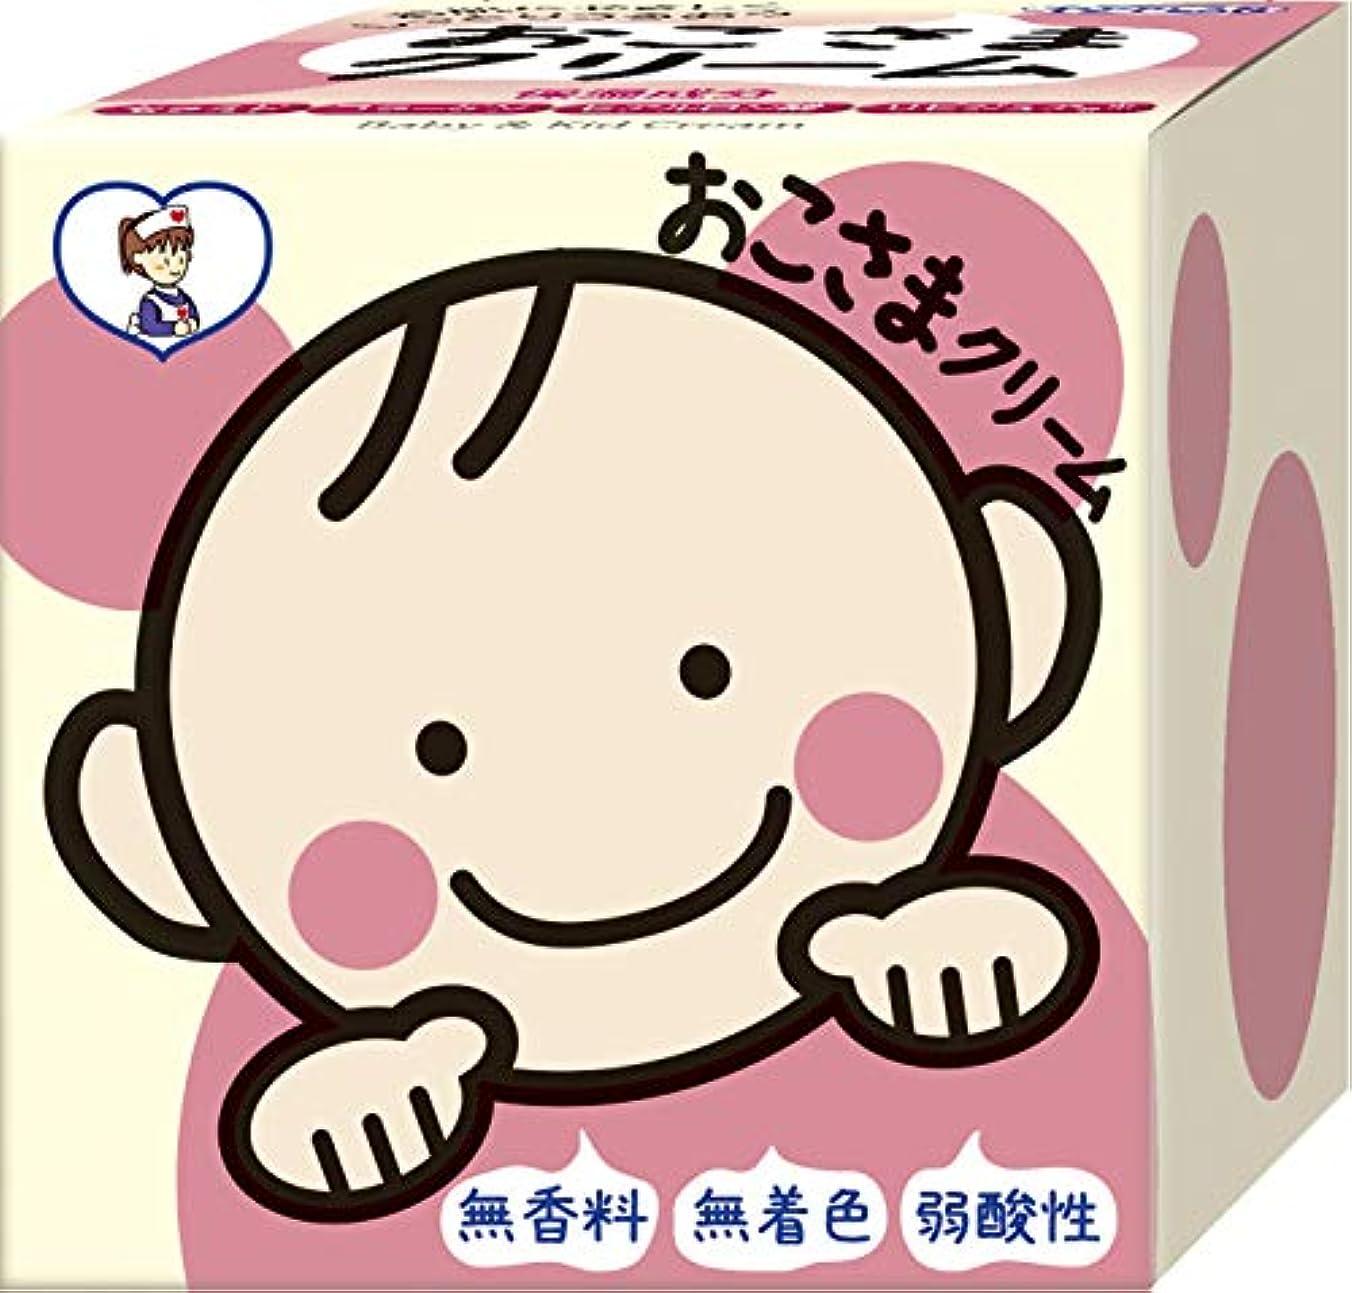 大臣消費する変換するTO-PLAN(トプラン) おこさまクリーム110g 無着色 無香料 低刺激クリーム